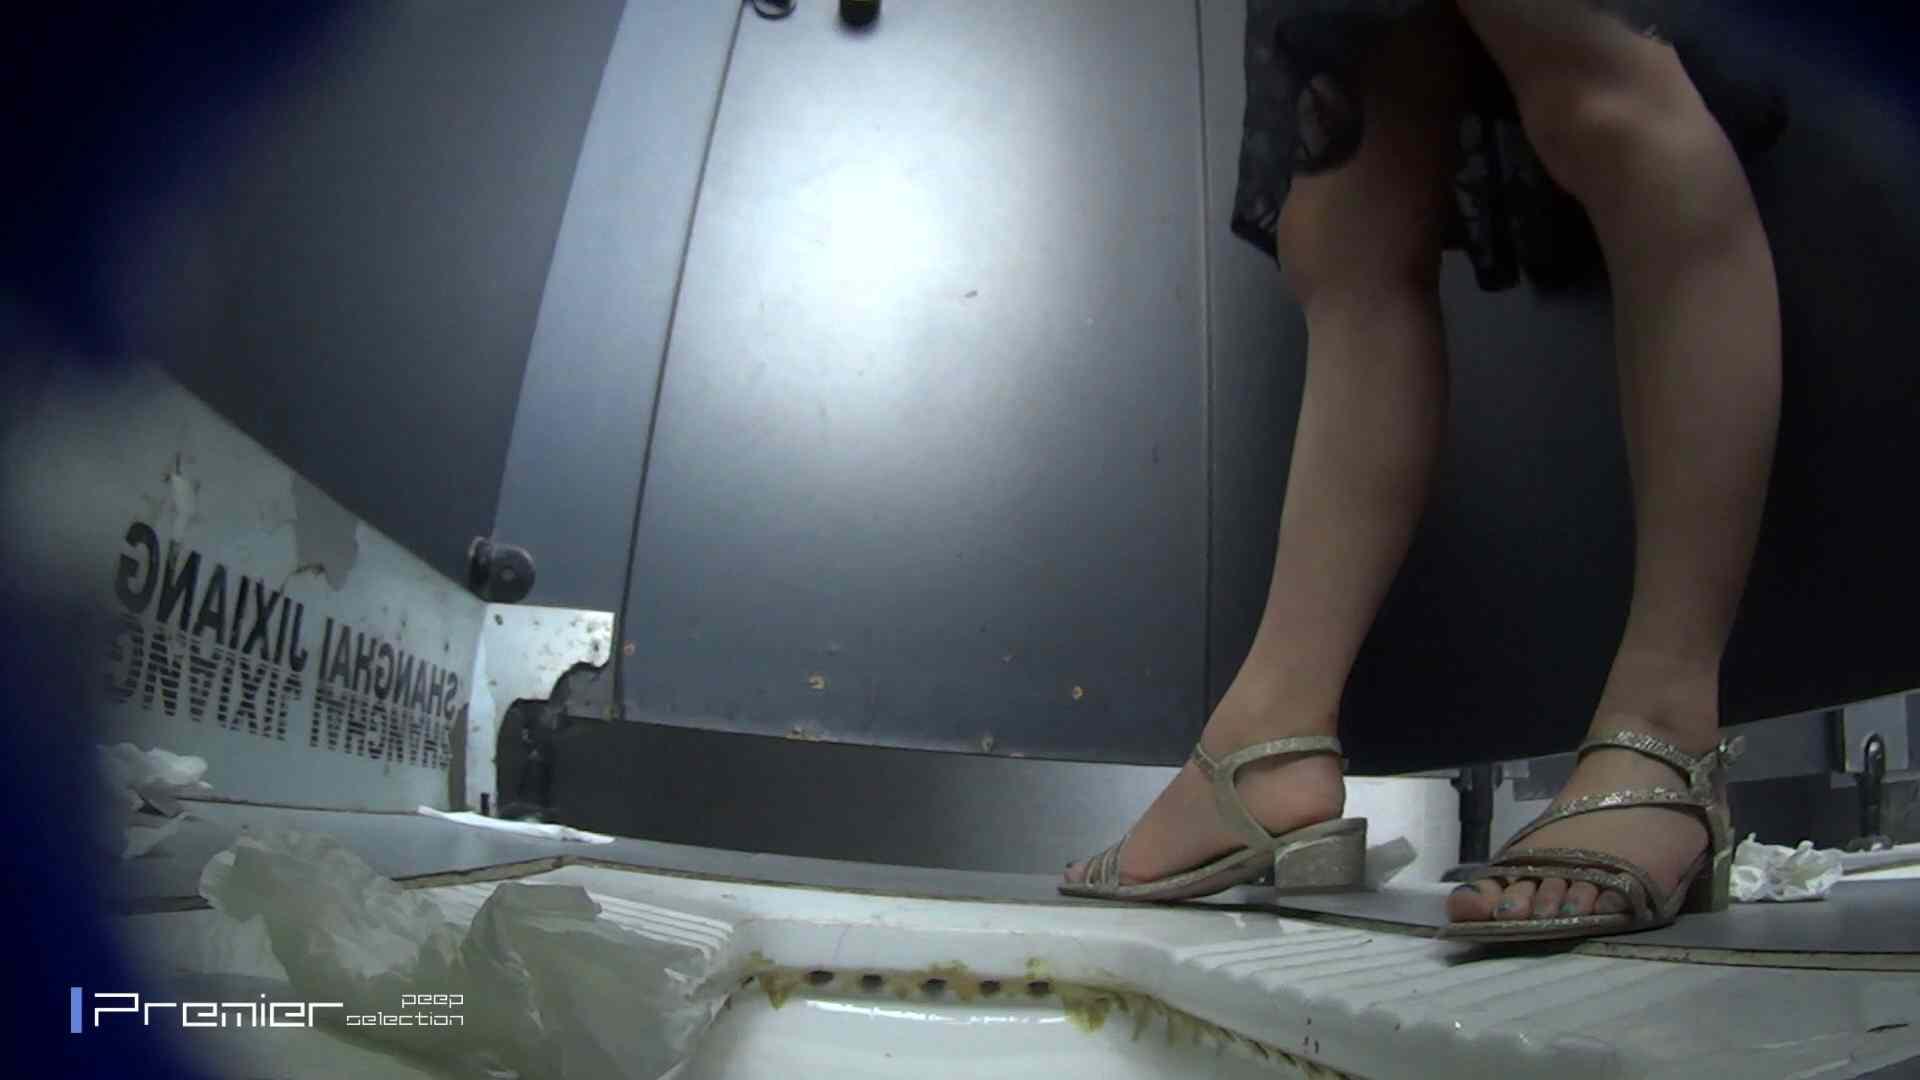 スキニージーンズの美女 大学休憩時間の洗面所事情56 盗撮映像  94Pix 70